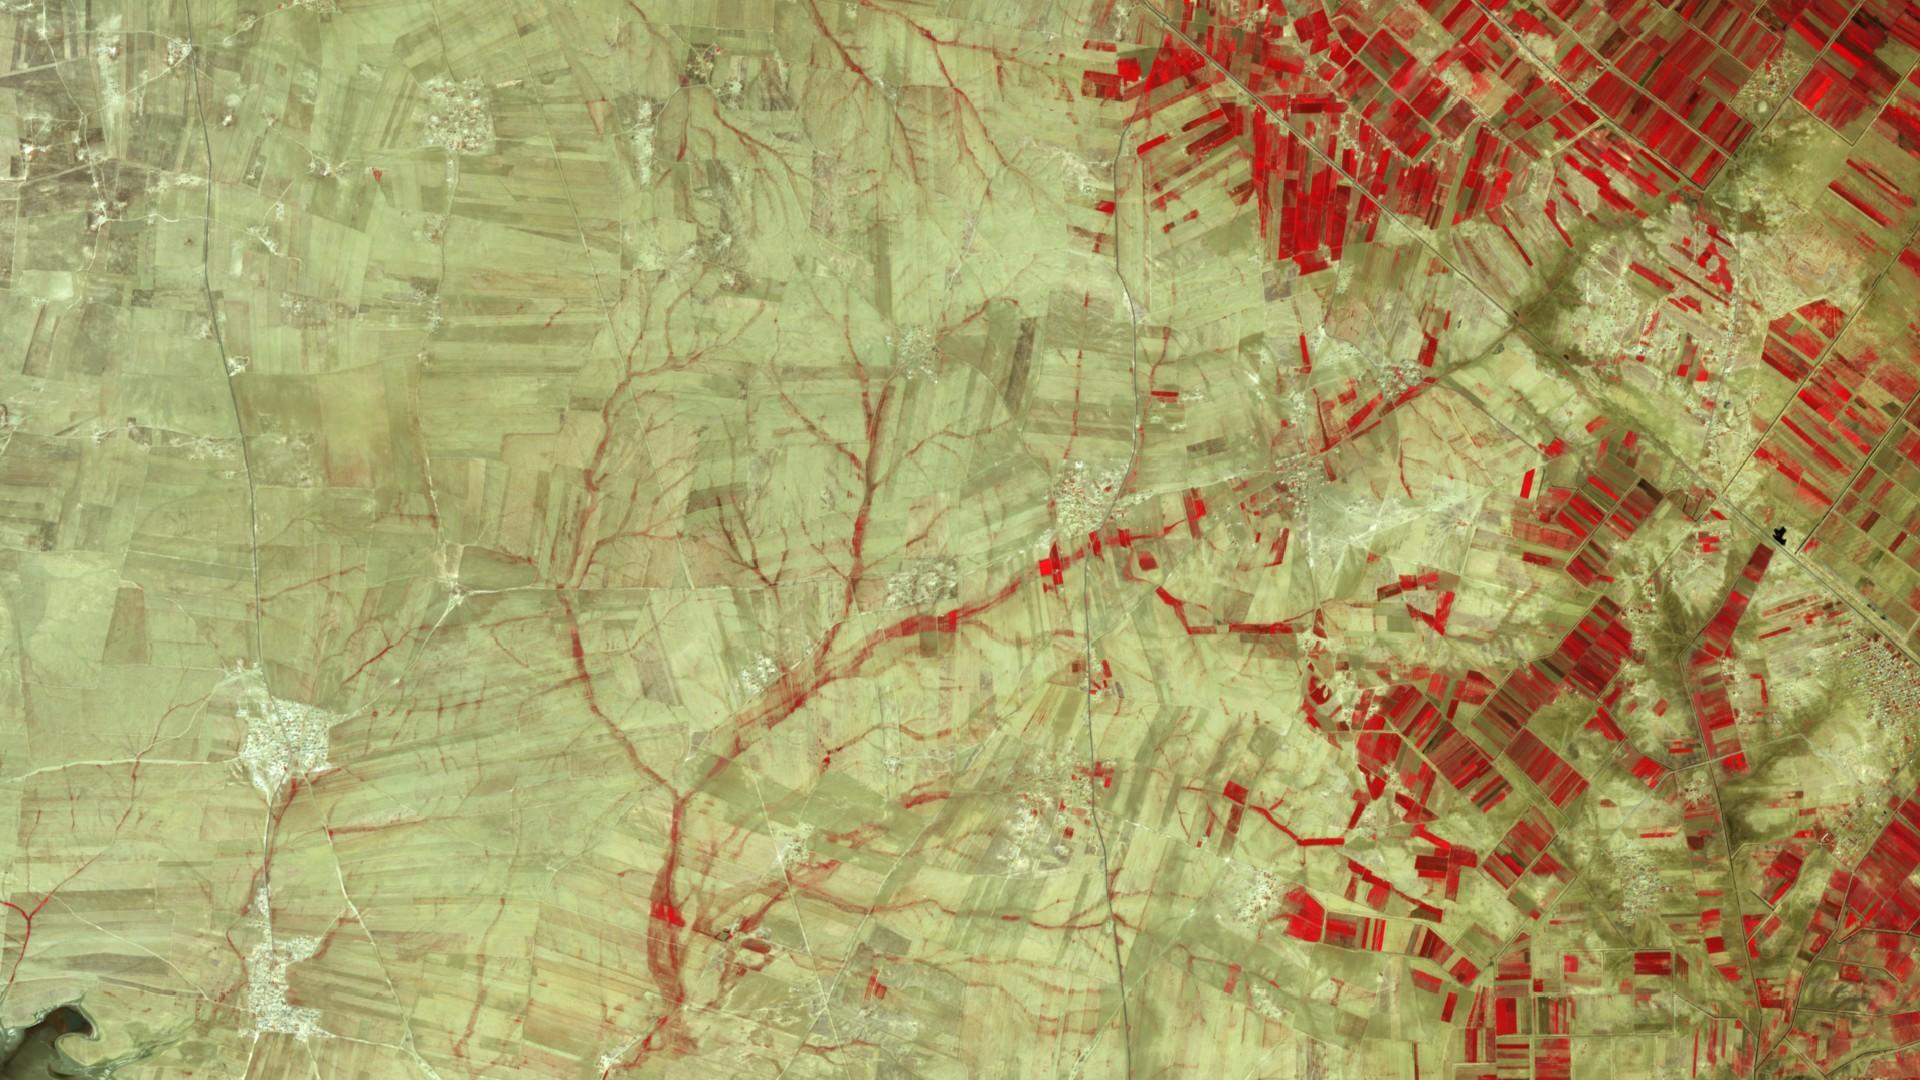 Jour de la Terre - Journée de la Terre - 22 avril 2016 - Arbre - Environnement - Quiz - image satellite - satellite d'observation - Sentinel - Copernicus - ESA